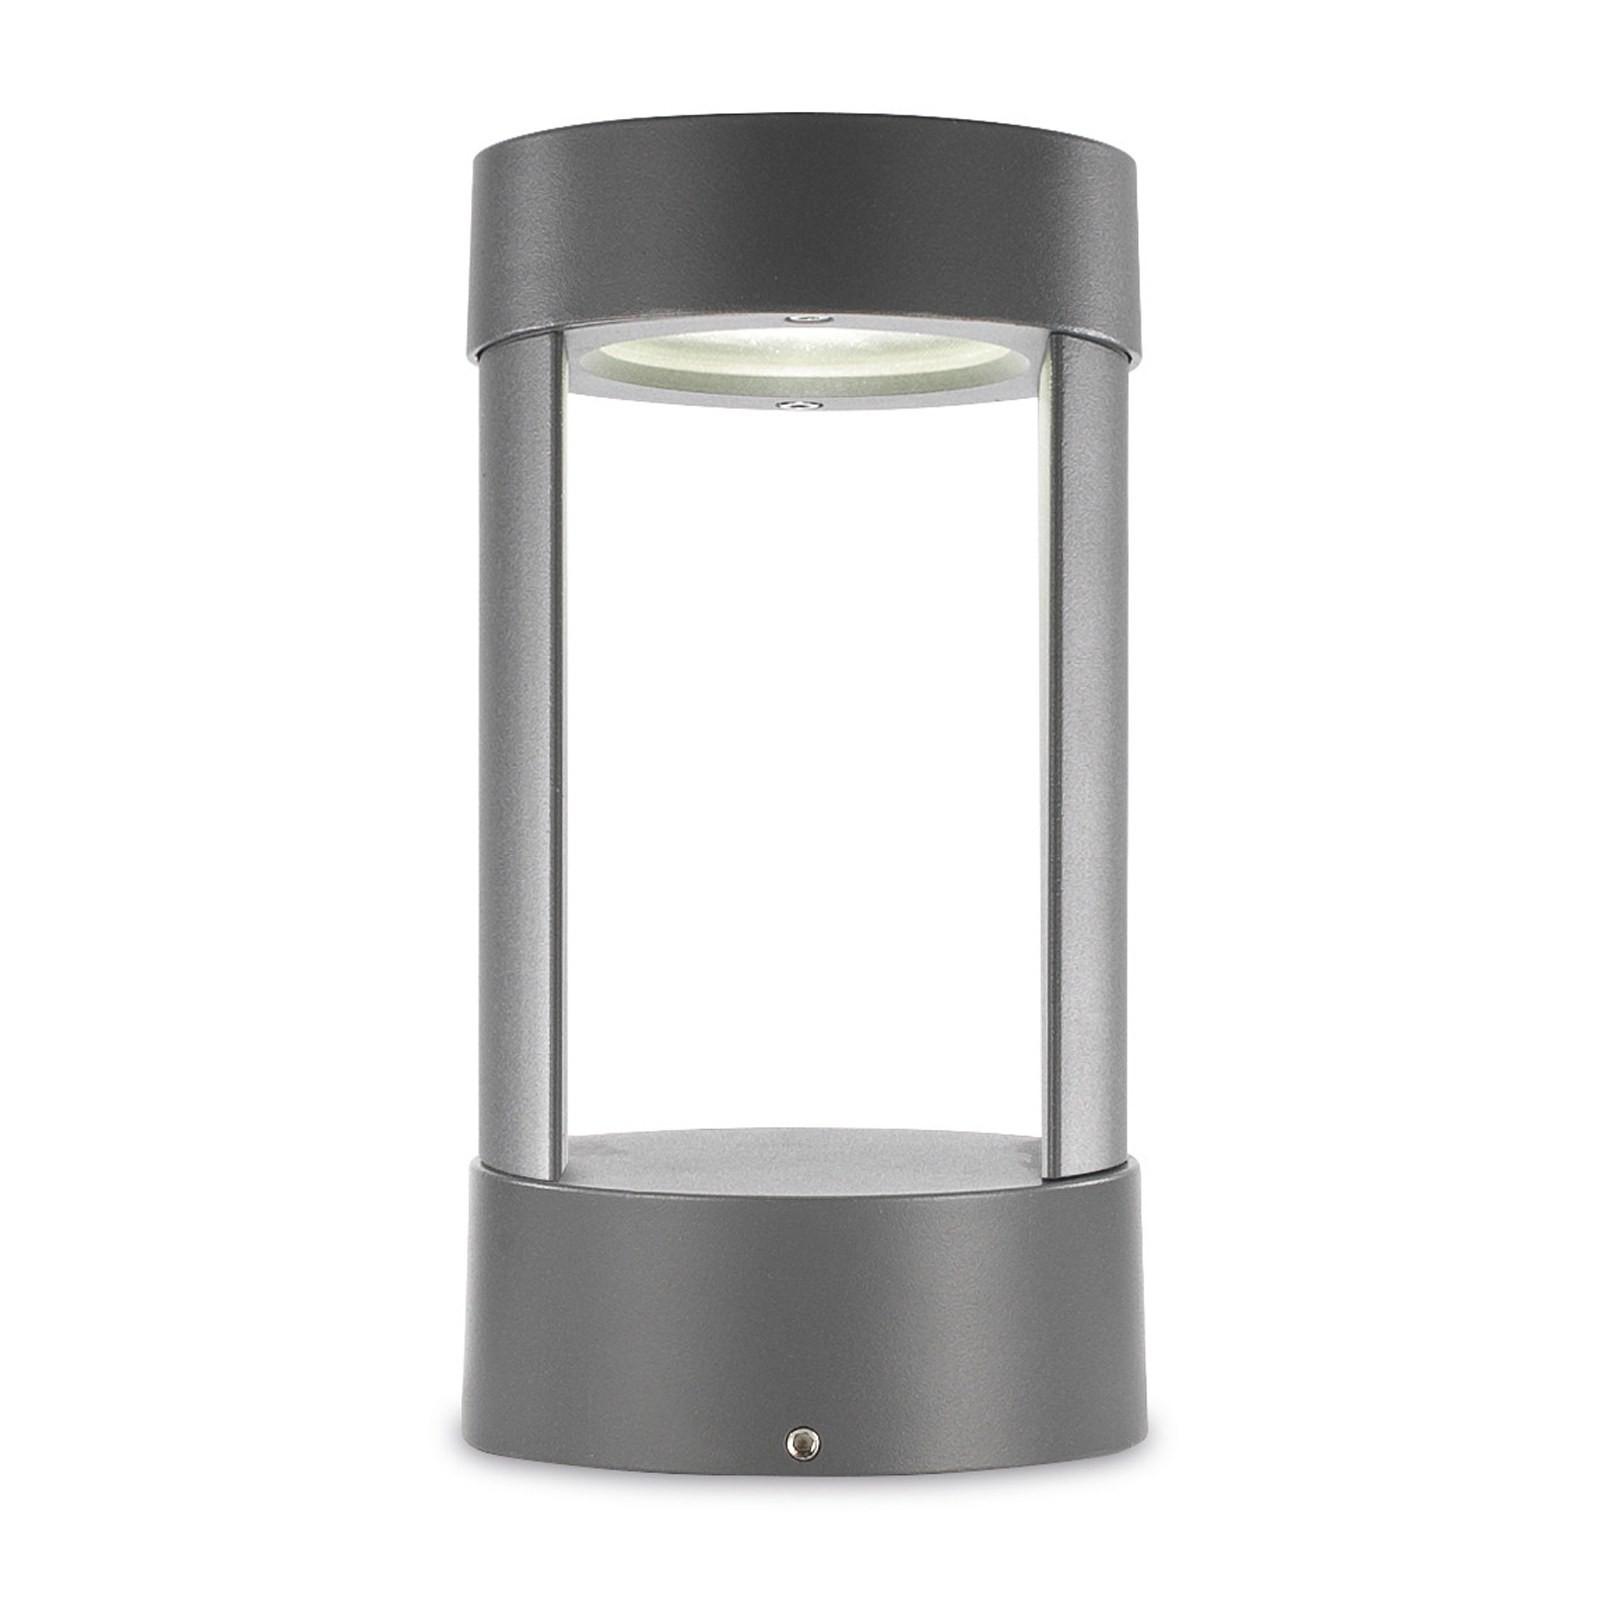 Lampione da Esterno per Giardino Lampada a Led 5W in Alluminio PAN ...